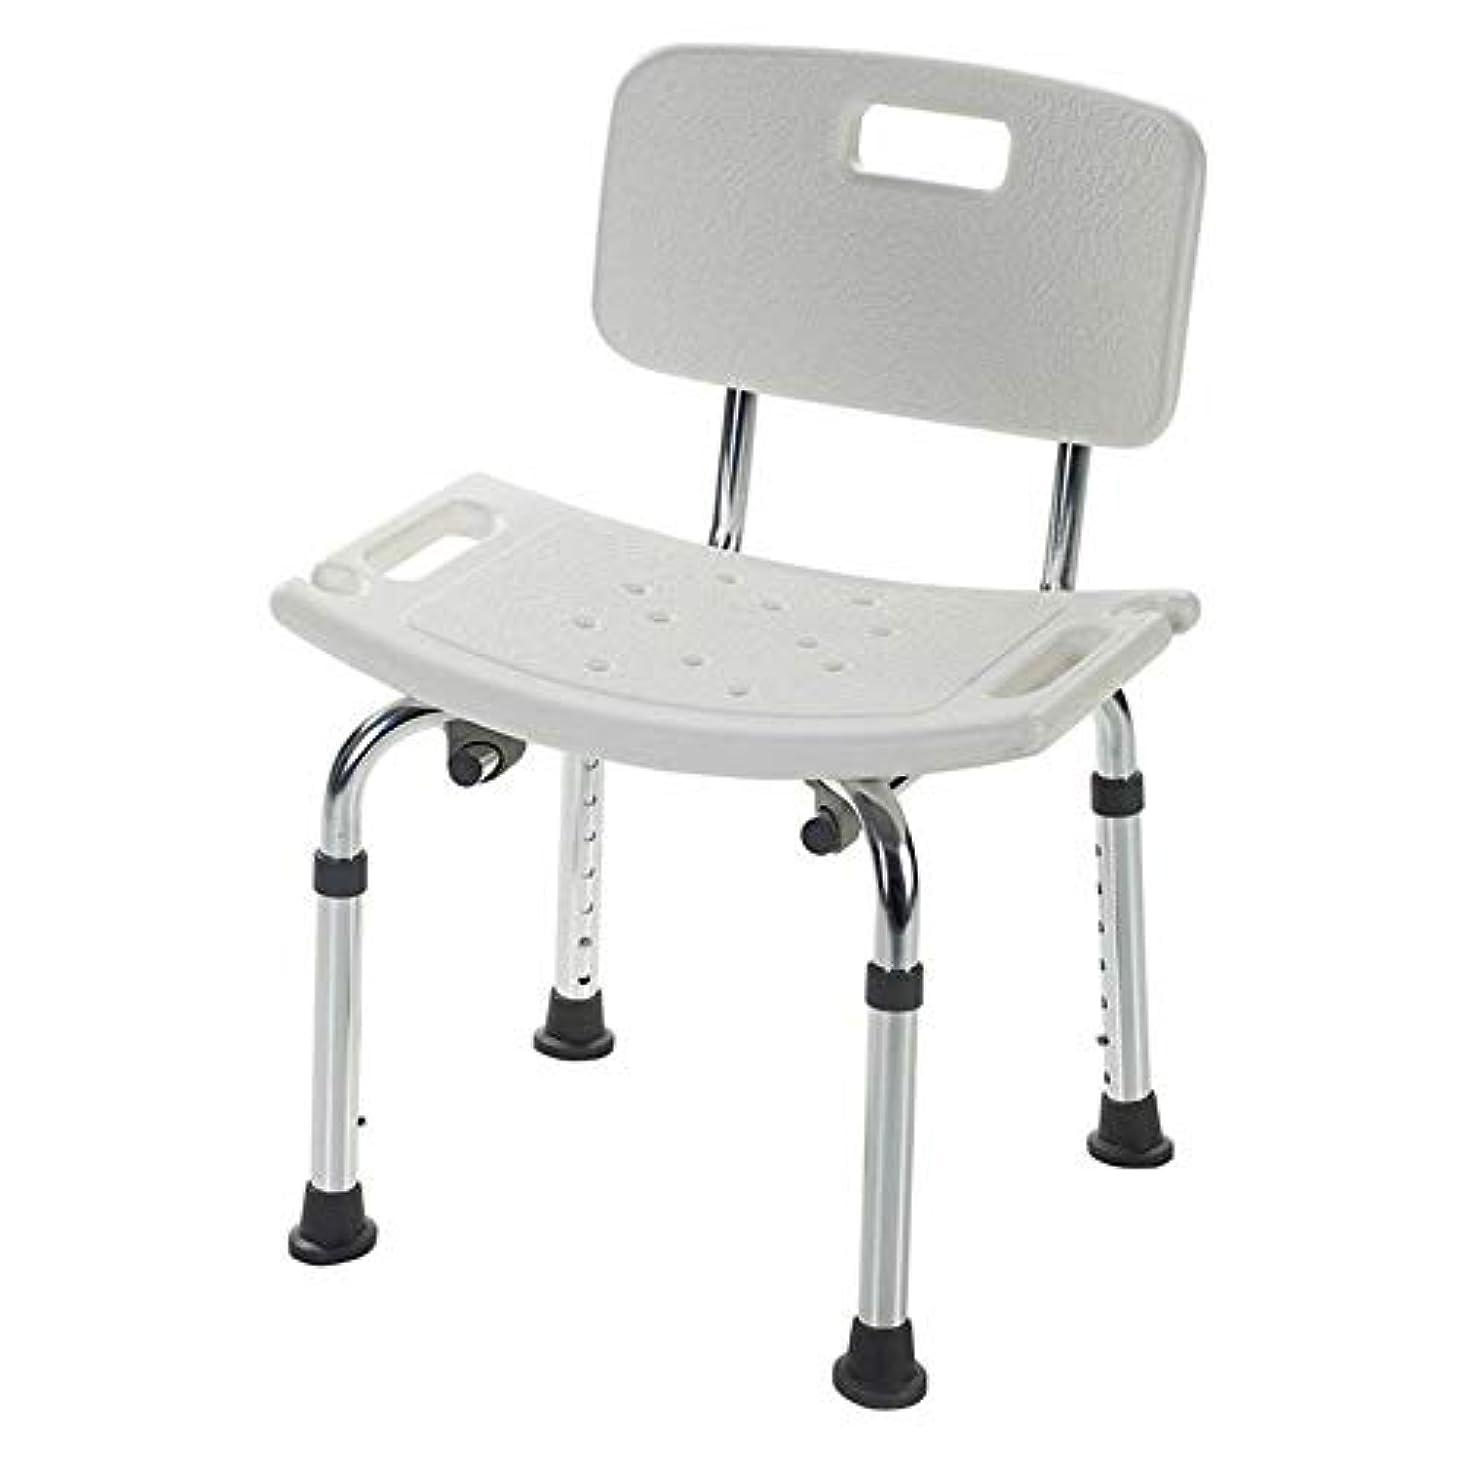 できれば豊富にコレクションバスシートベンチシャワースツールシャワーチェア、背もたれ付きU字型シートプレート高さ調節可能な高齢者用入浴補助具